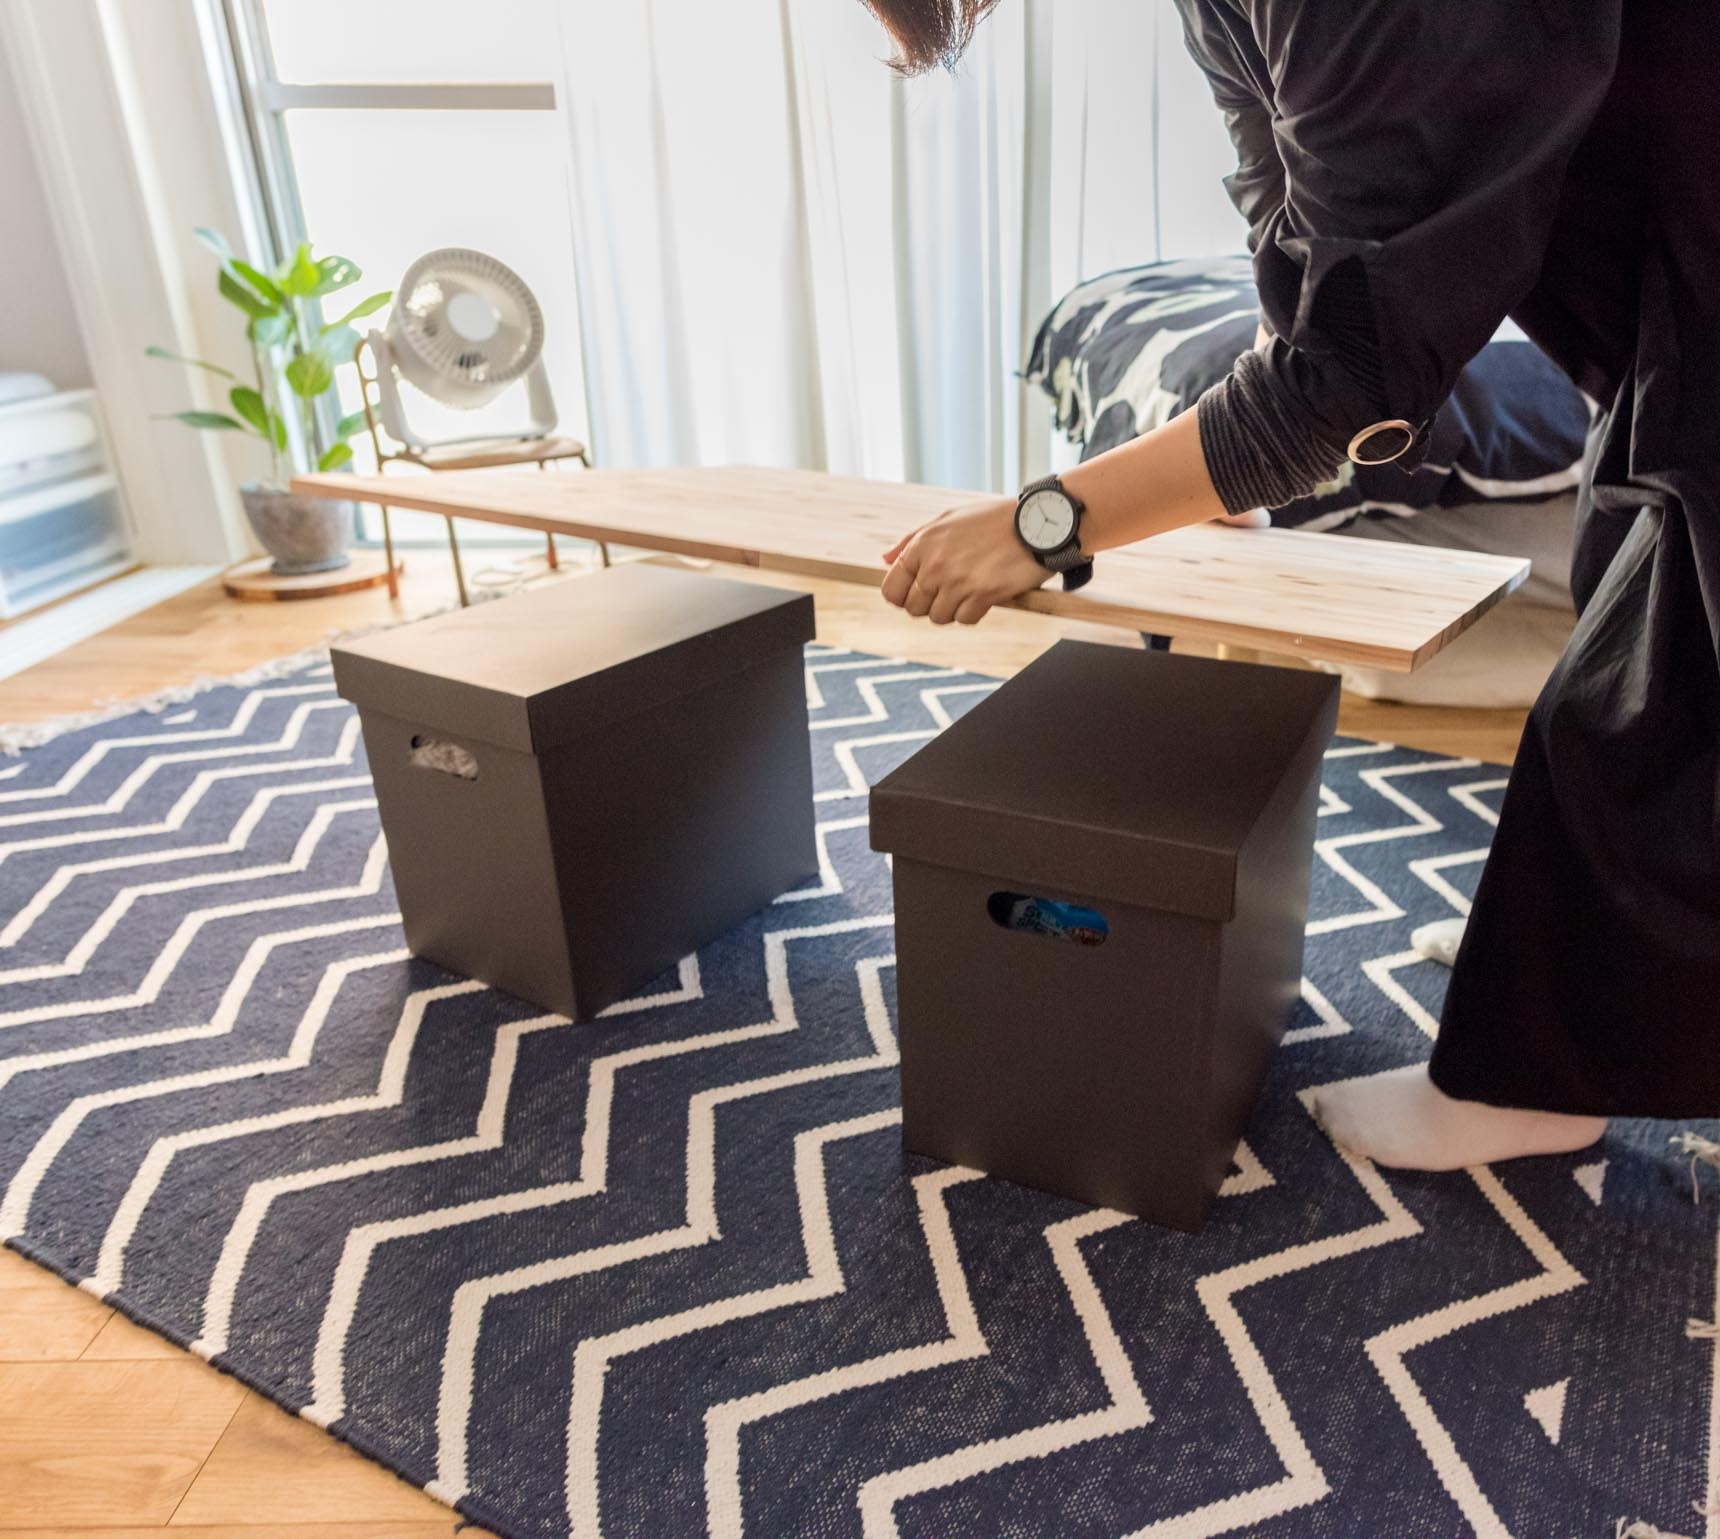 ふだん棚にしまっている収納ボックスの上に板をのせて、テーブルがわりに。(このお部屋はこちら)